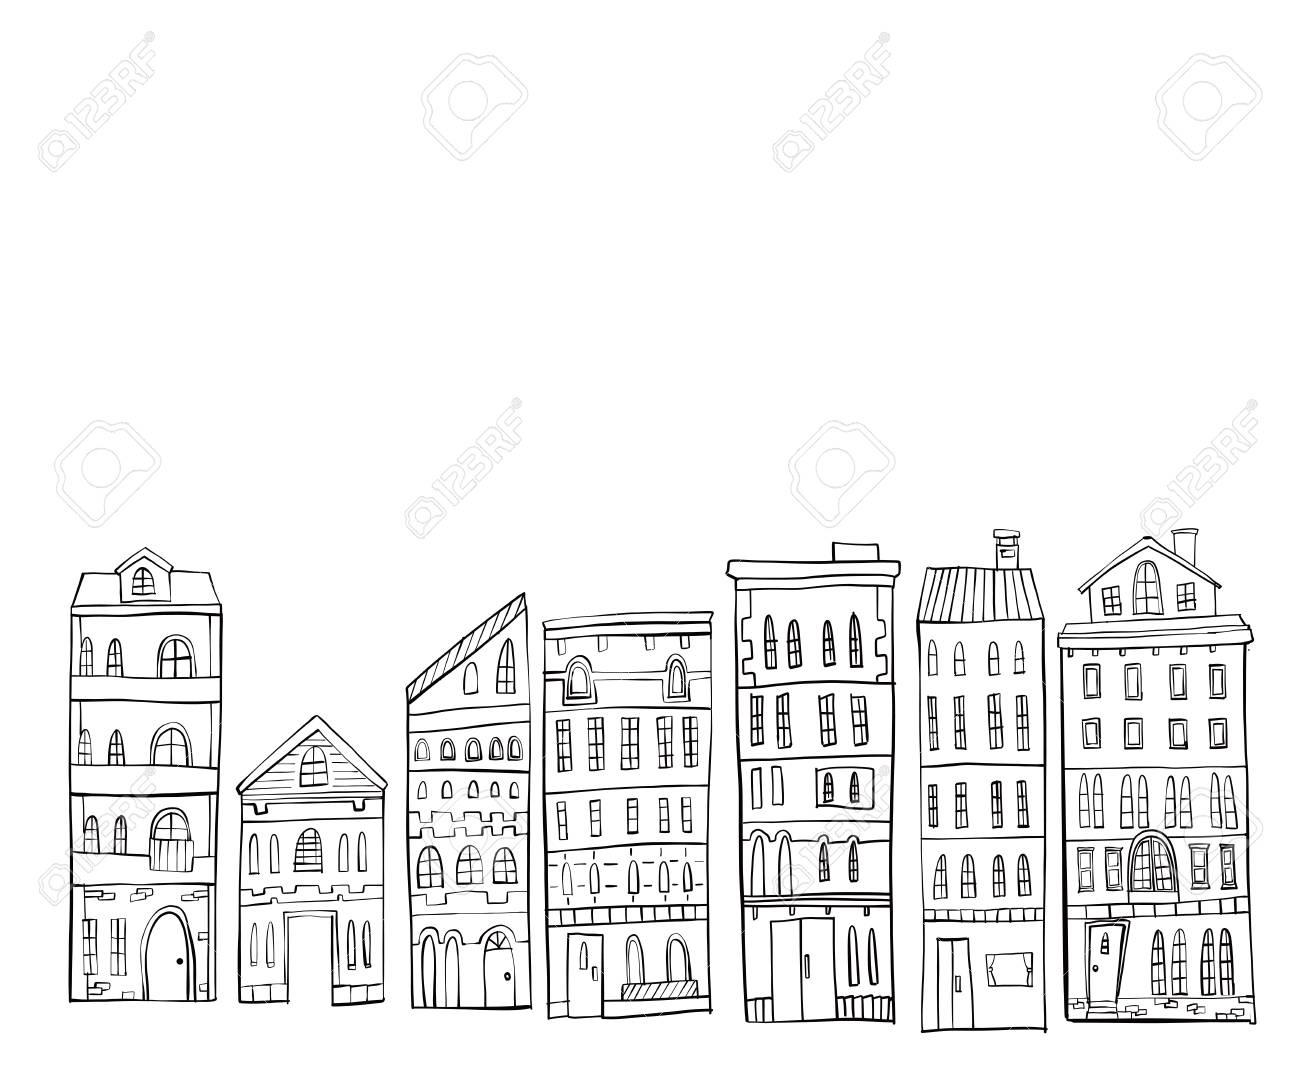 ヨーロッパ 街並み イラスト